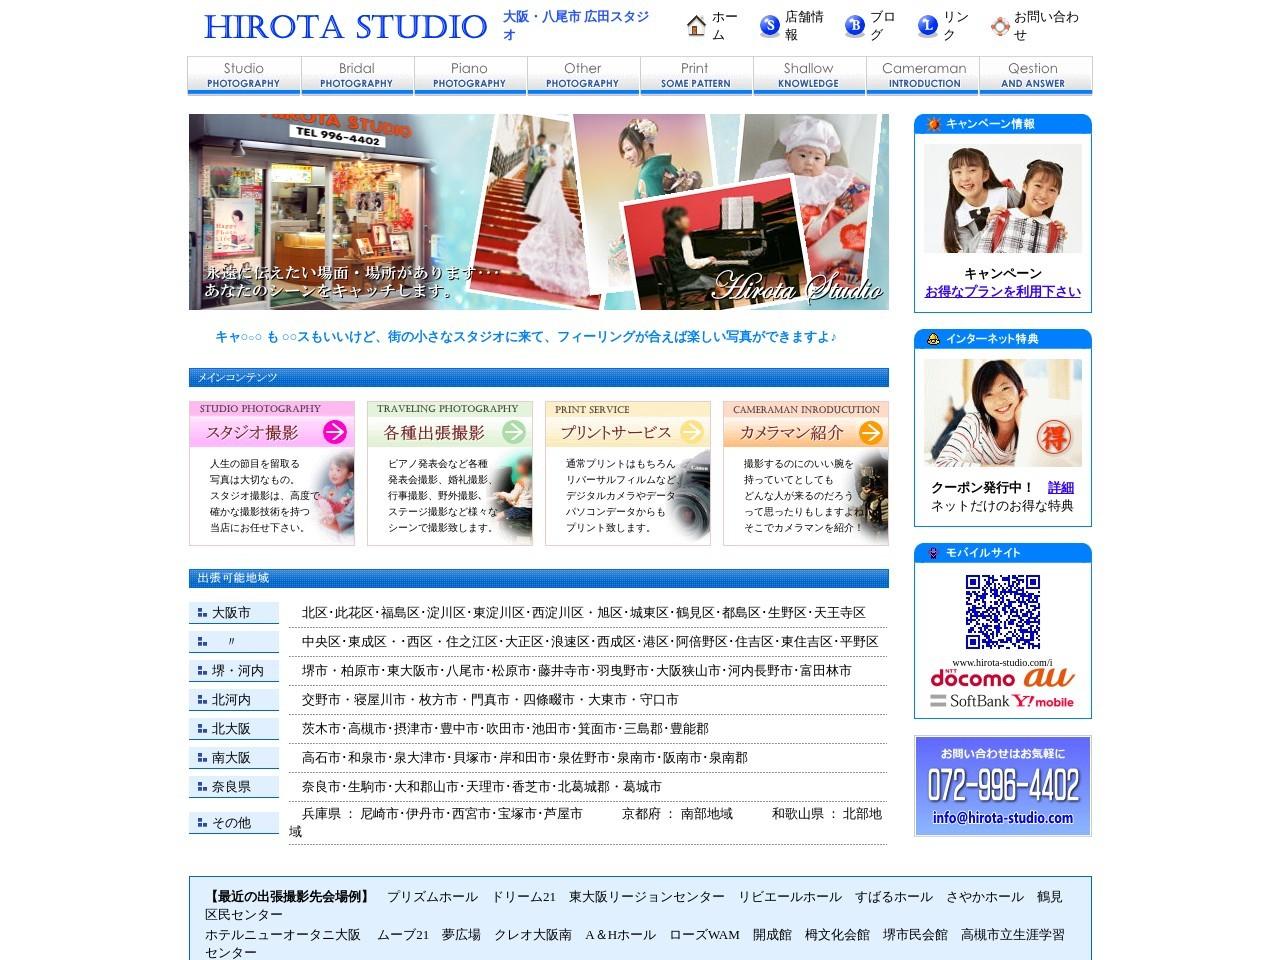 広田スタジオ